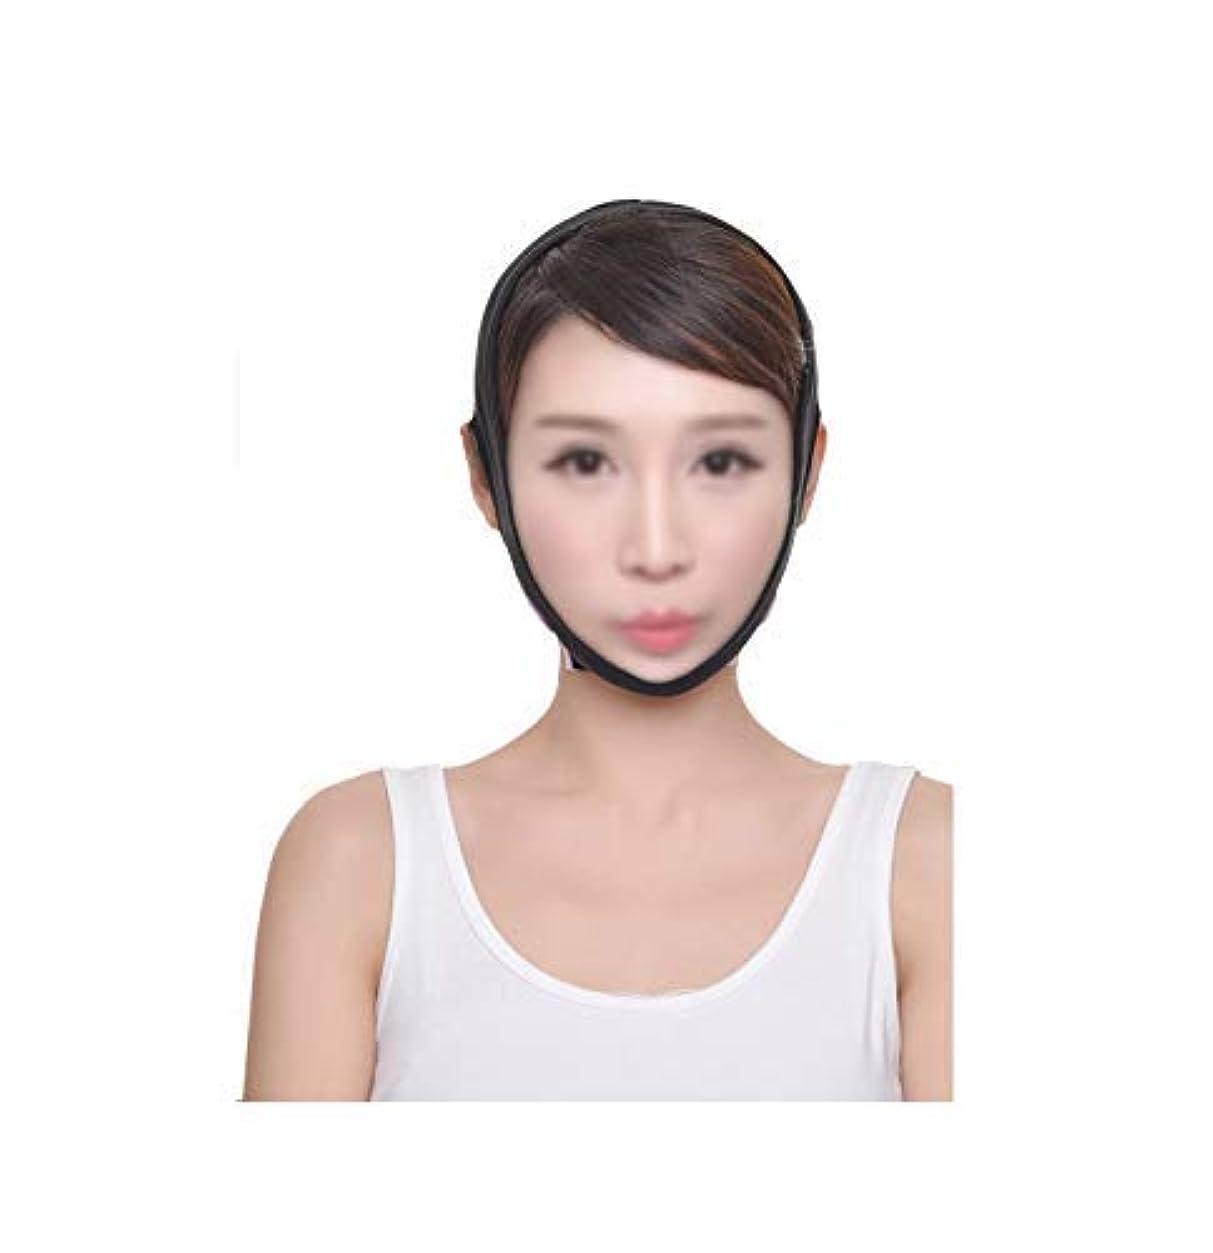 スプーンレインコート生き物ファーミングフェイスマスク、フェイスリフティングアーティファクト脂肪吸引術術後整形二重あご美容マスクブラックフード(サイズ:L)